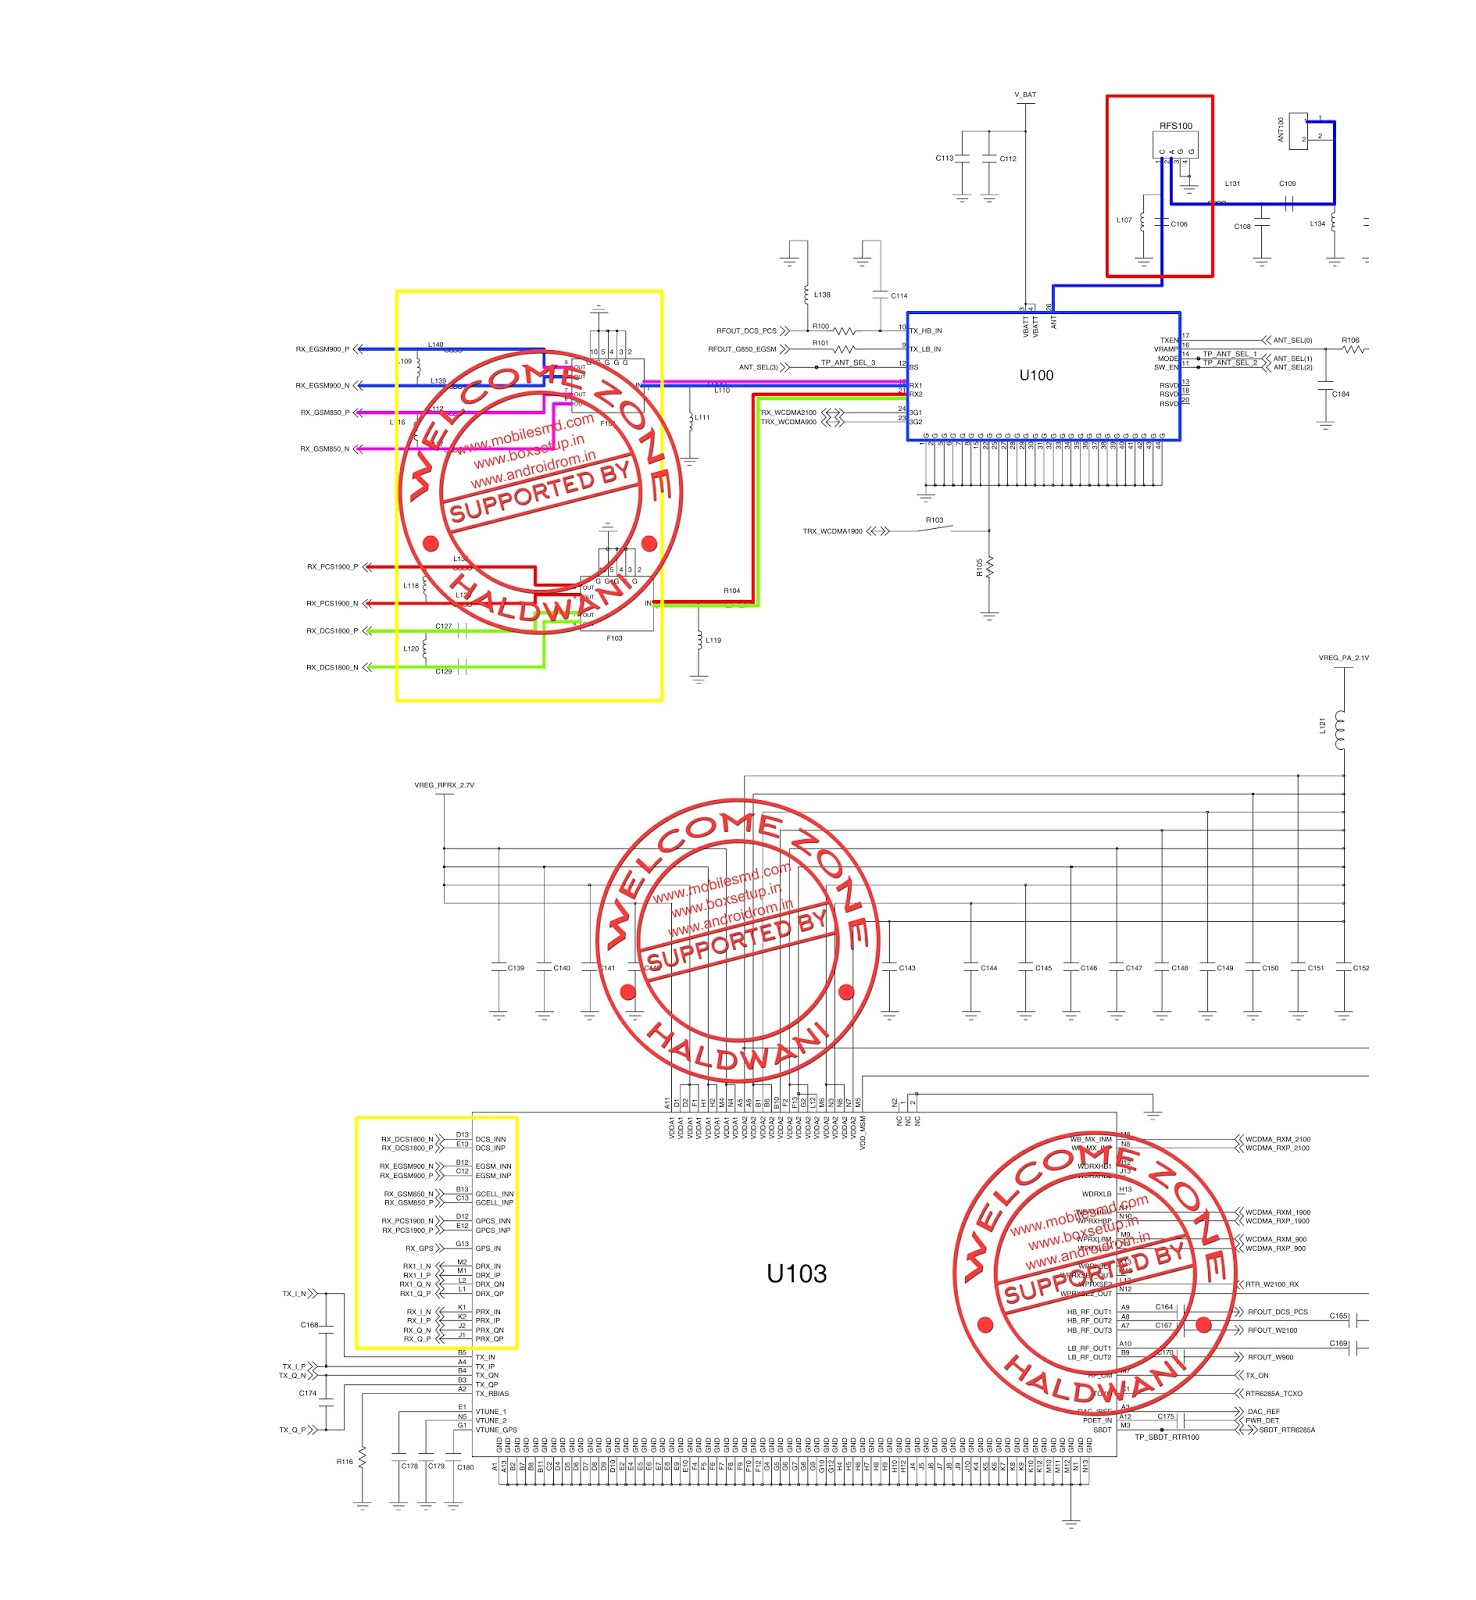 DIAGRAM] Gionee F103 Pcb Diagram FULL Version HD Quality Pcb Diagram